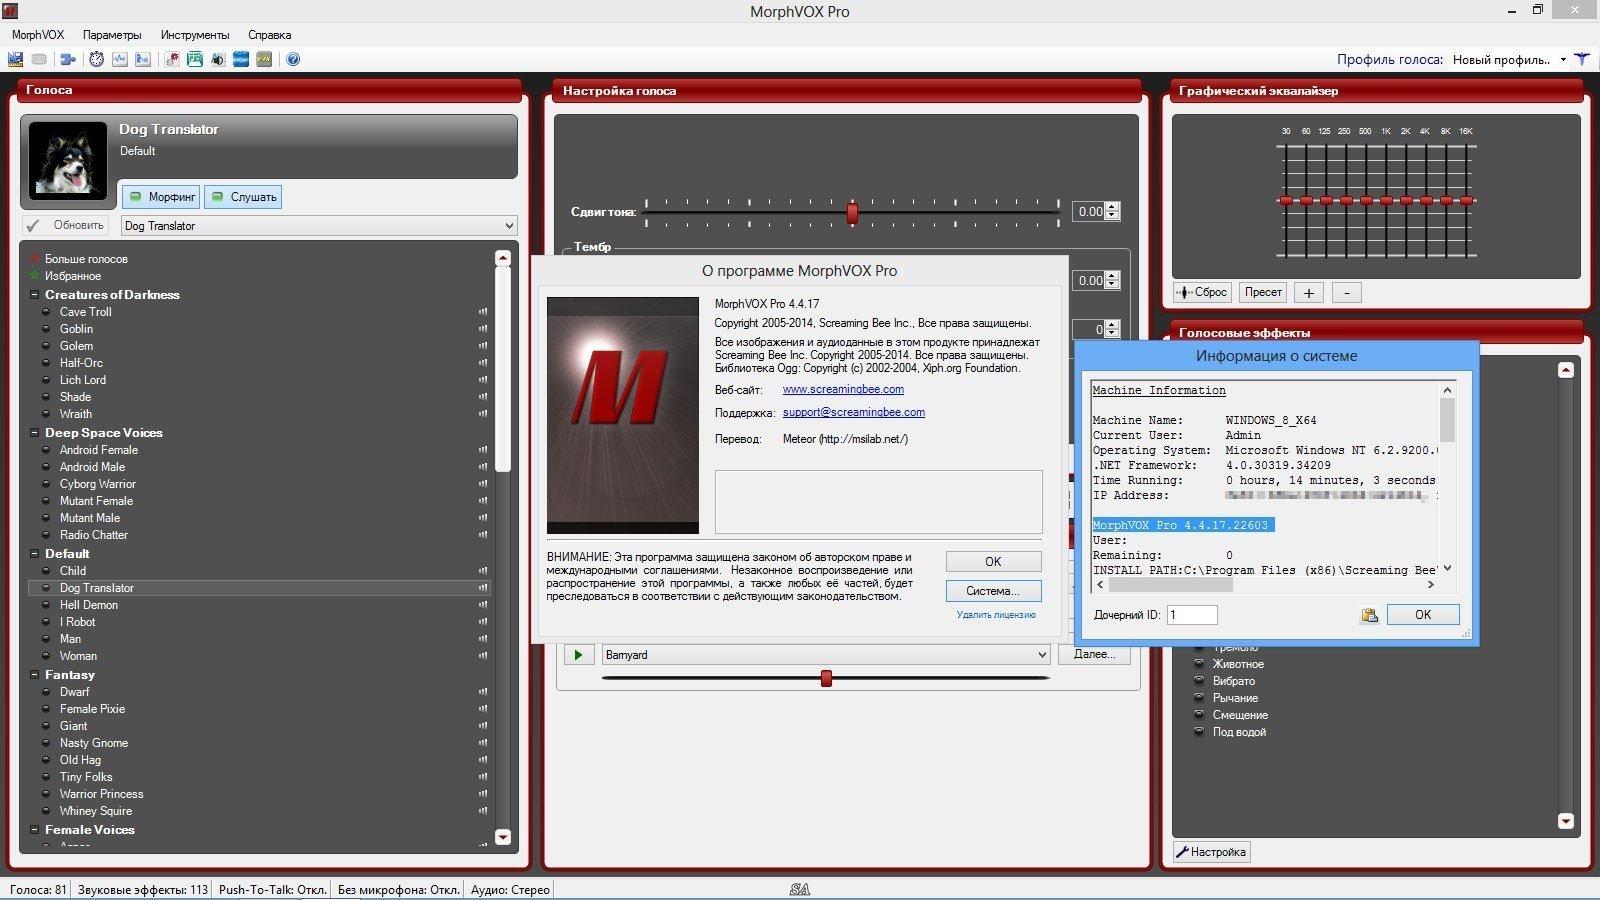 Окно о программе MorphVOX Pro на русском